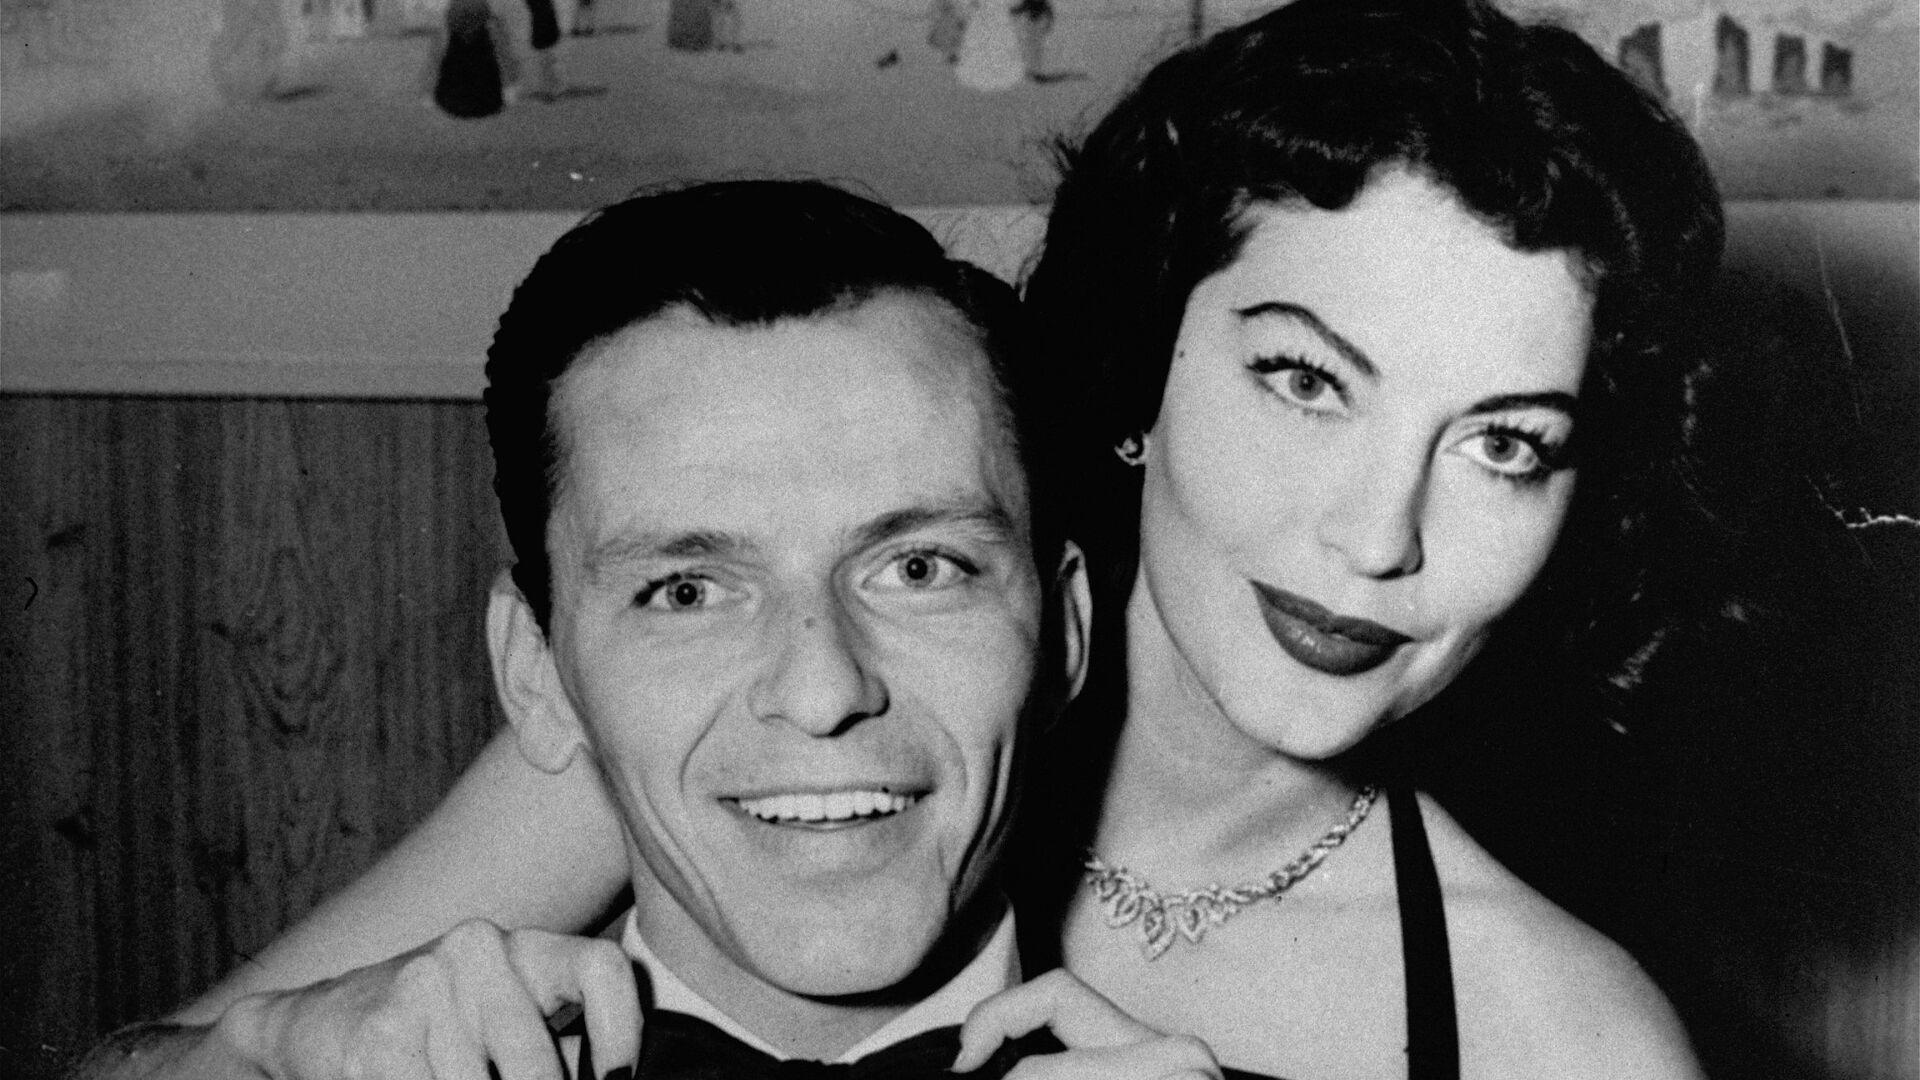 Американский певец и актер Фрэнк Синатра с женой актрисой Авой Гарднер - РИА Новости, 1920, 12.12.2015